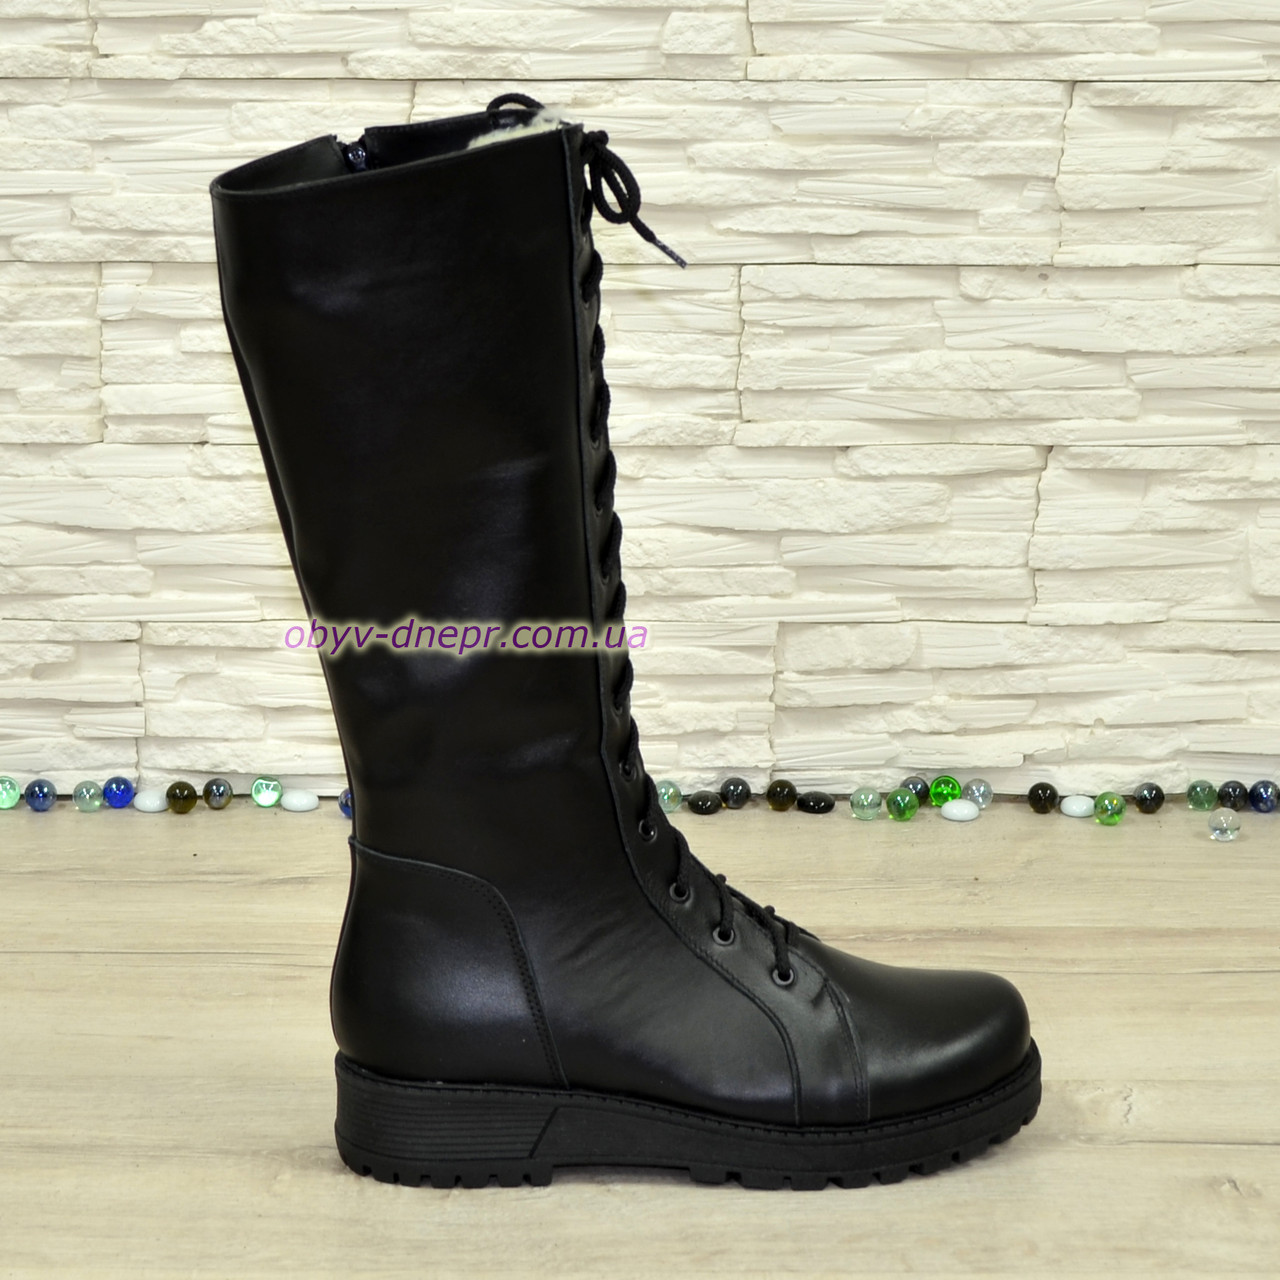 Стильные кожаные зимние сапоги на шнуровке, черный цвет.